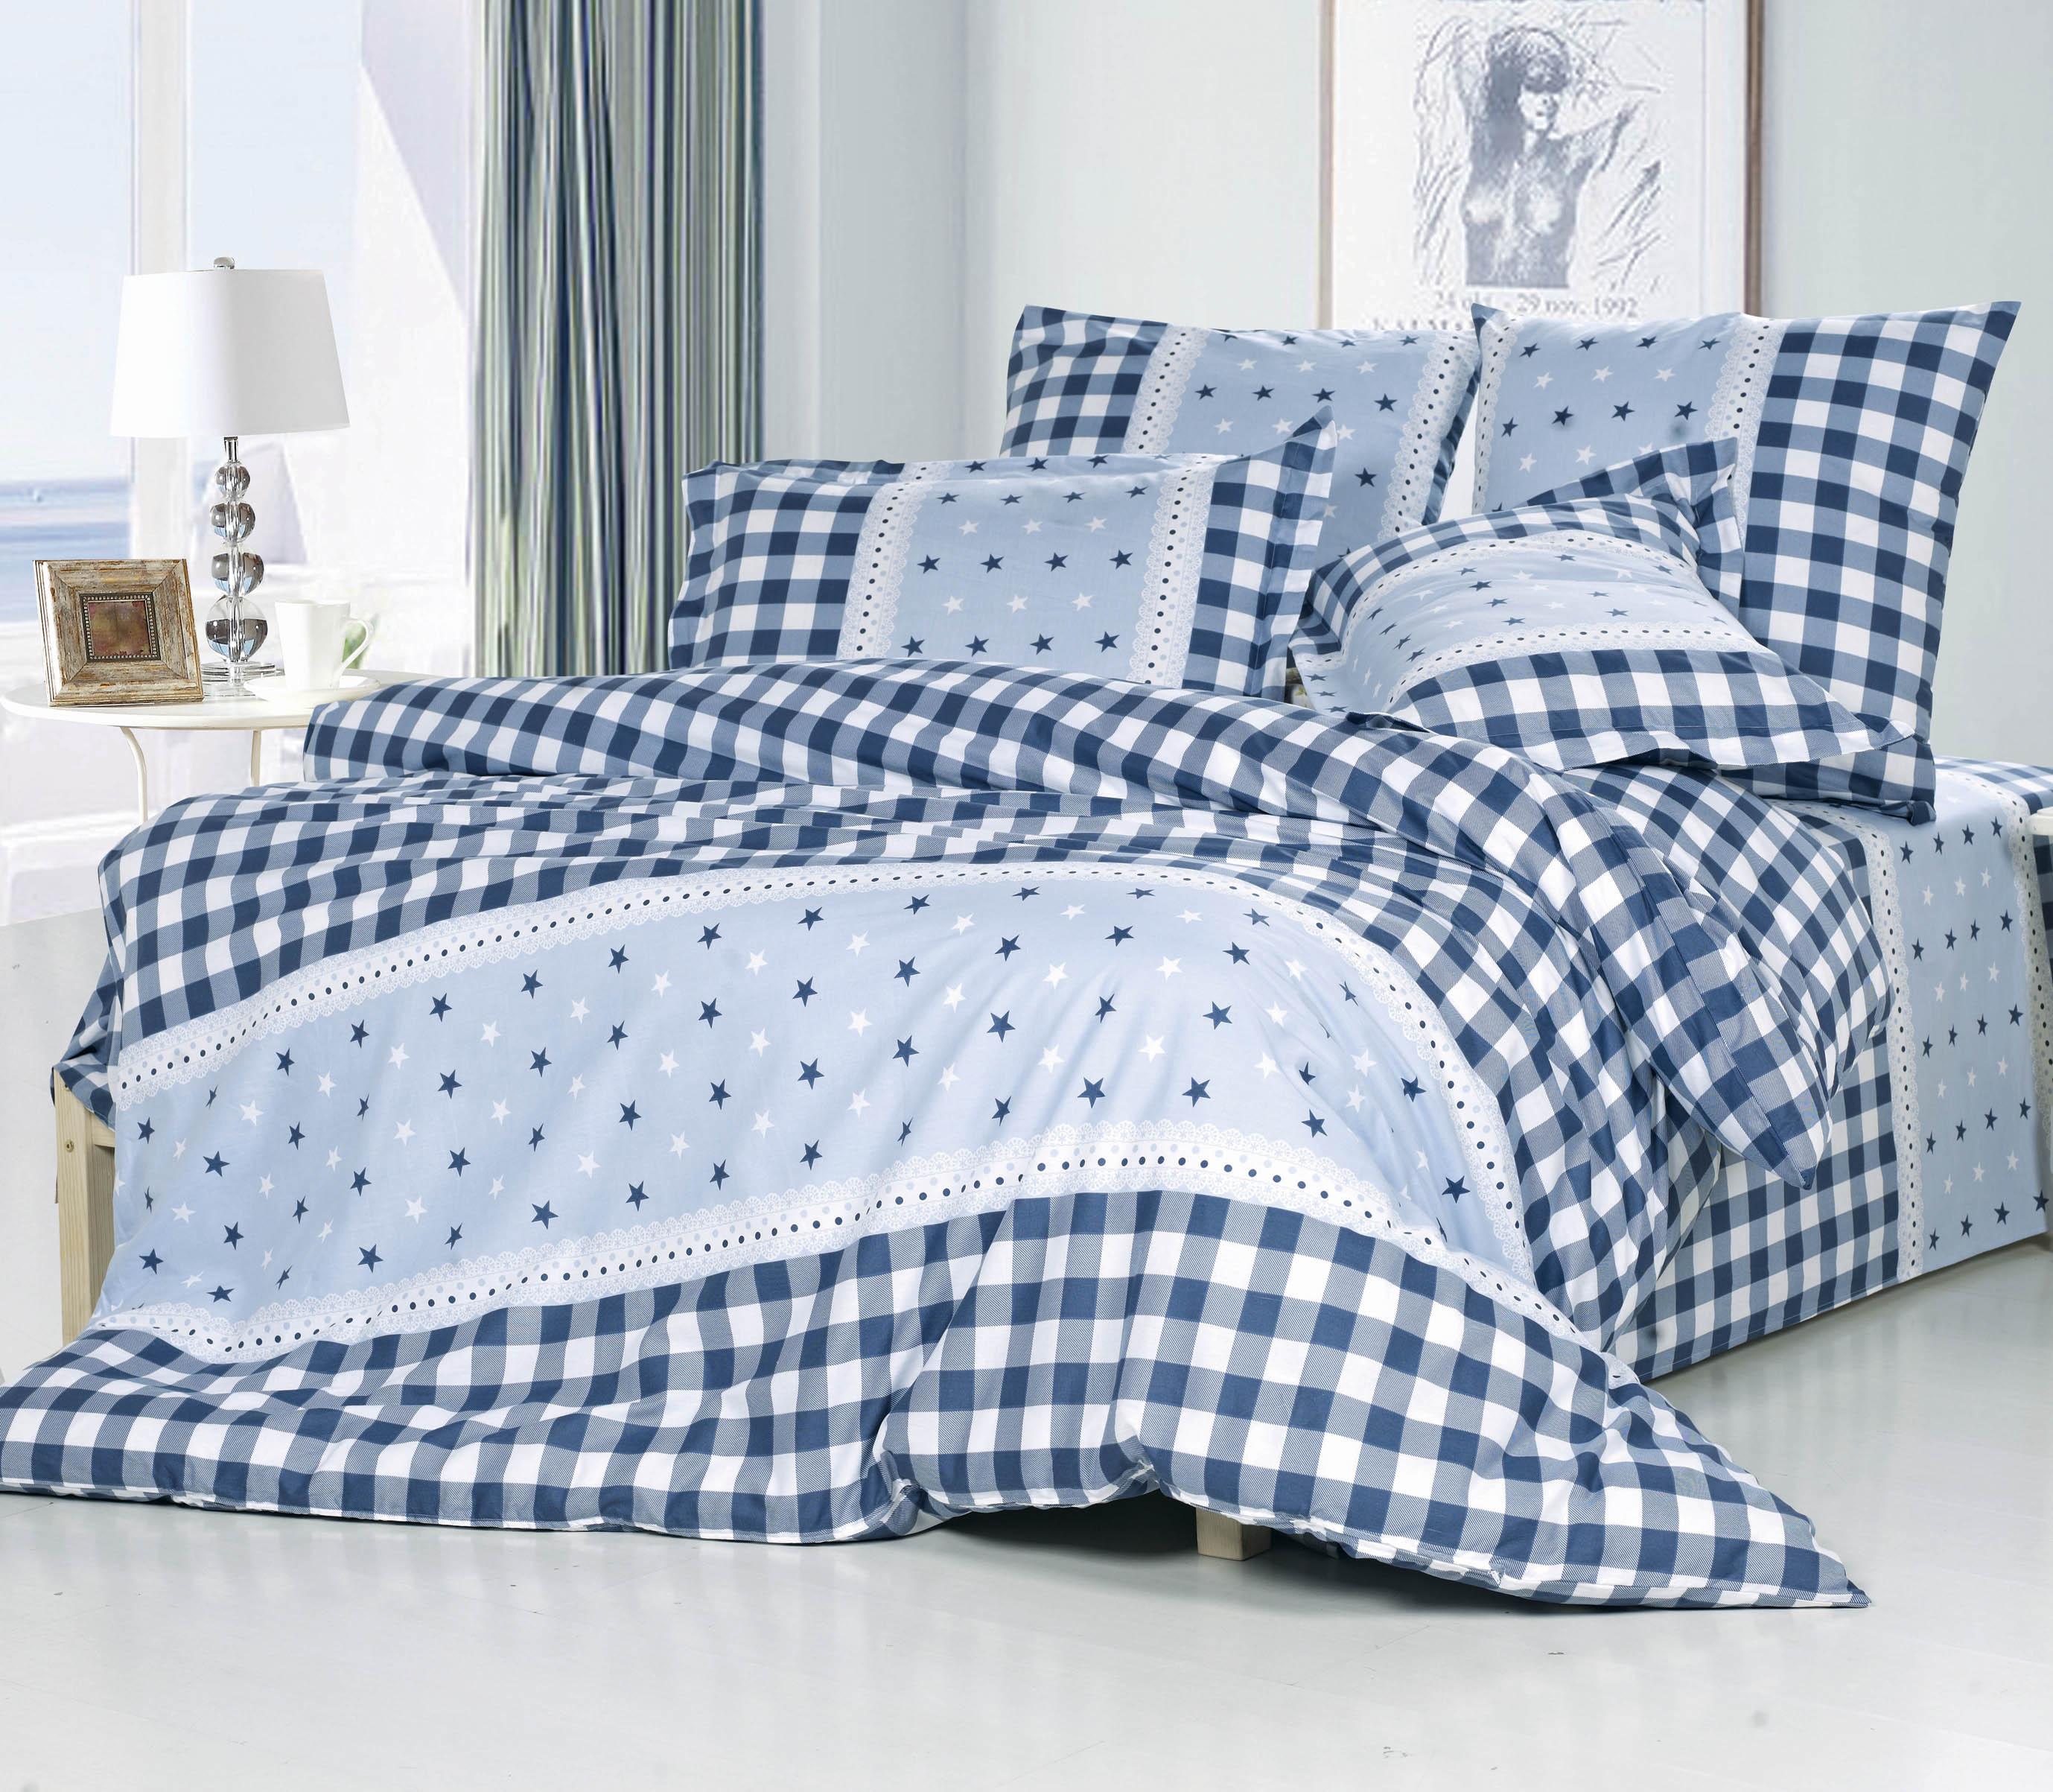 Комплекты постельного белья СайлиД Постельное бельеSangrillia(2 сп. евро) постельное белье сайлид евро d 156